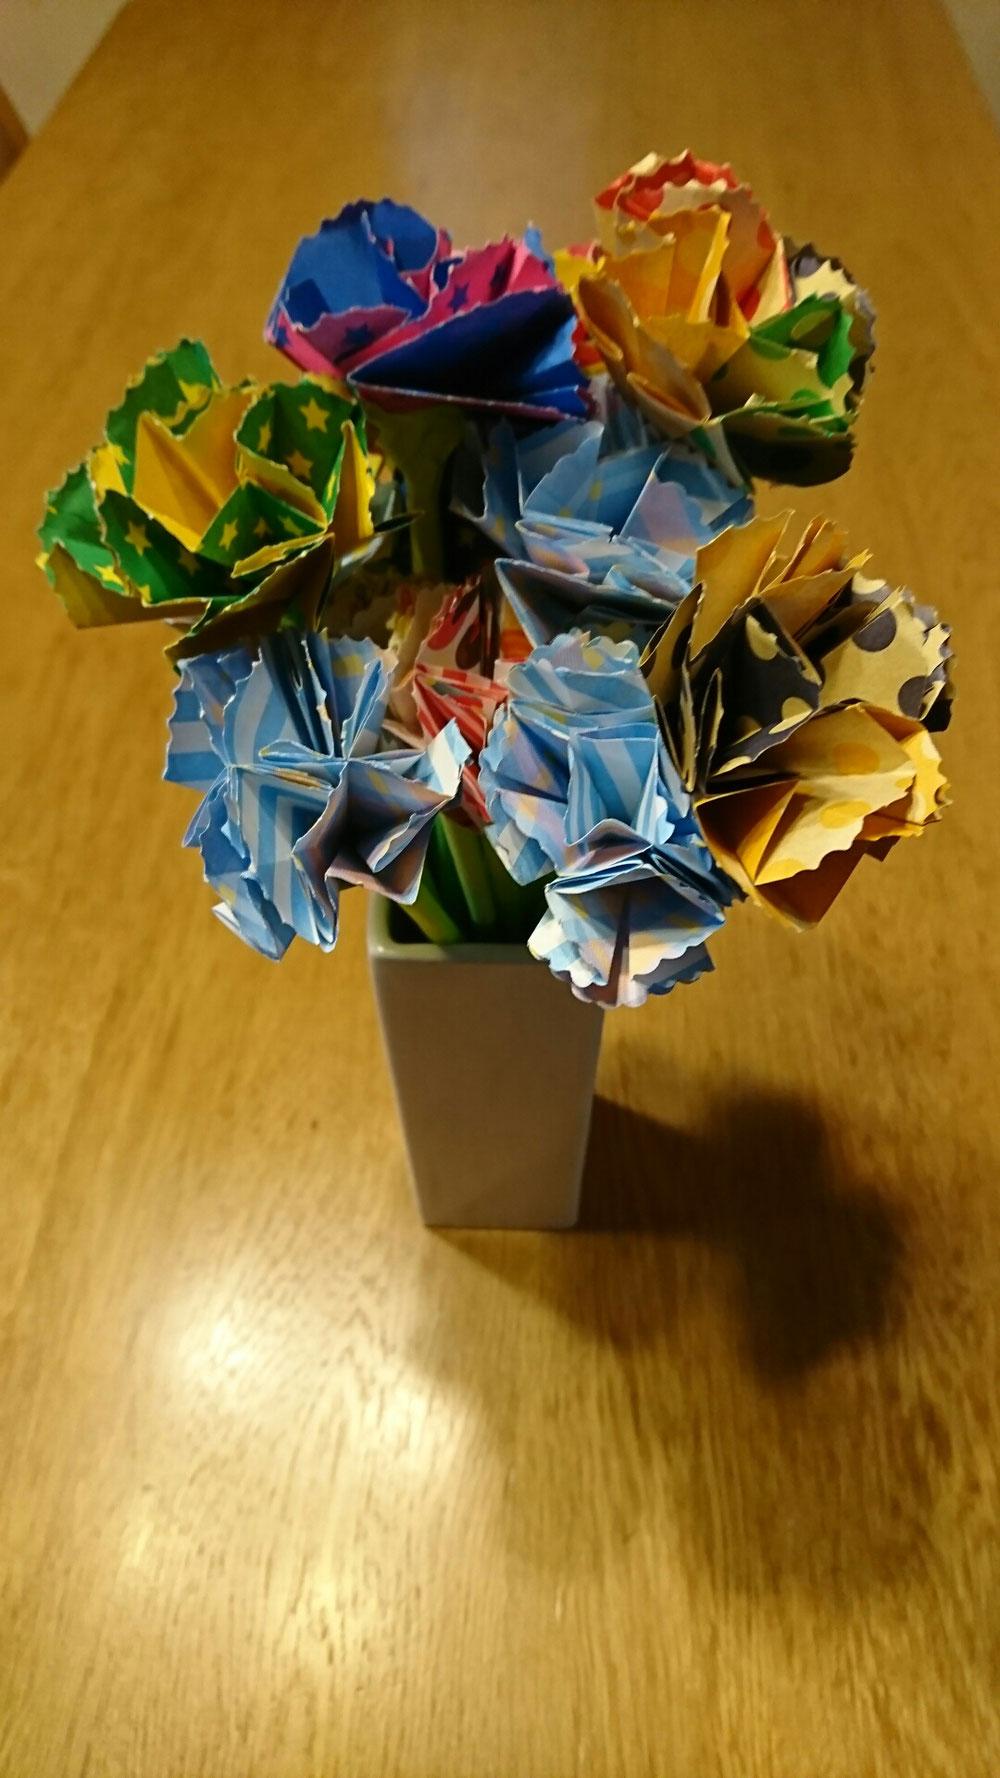 ご利用者様の手作りの花束。感激です❗